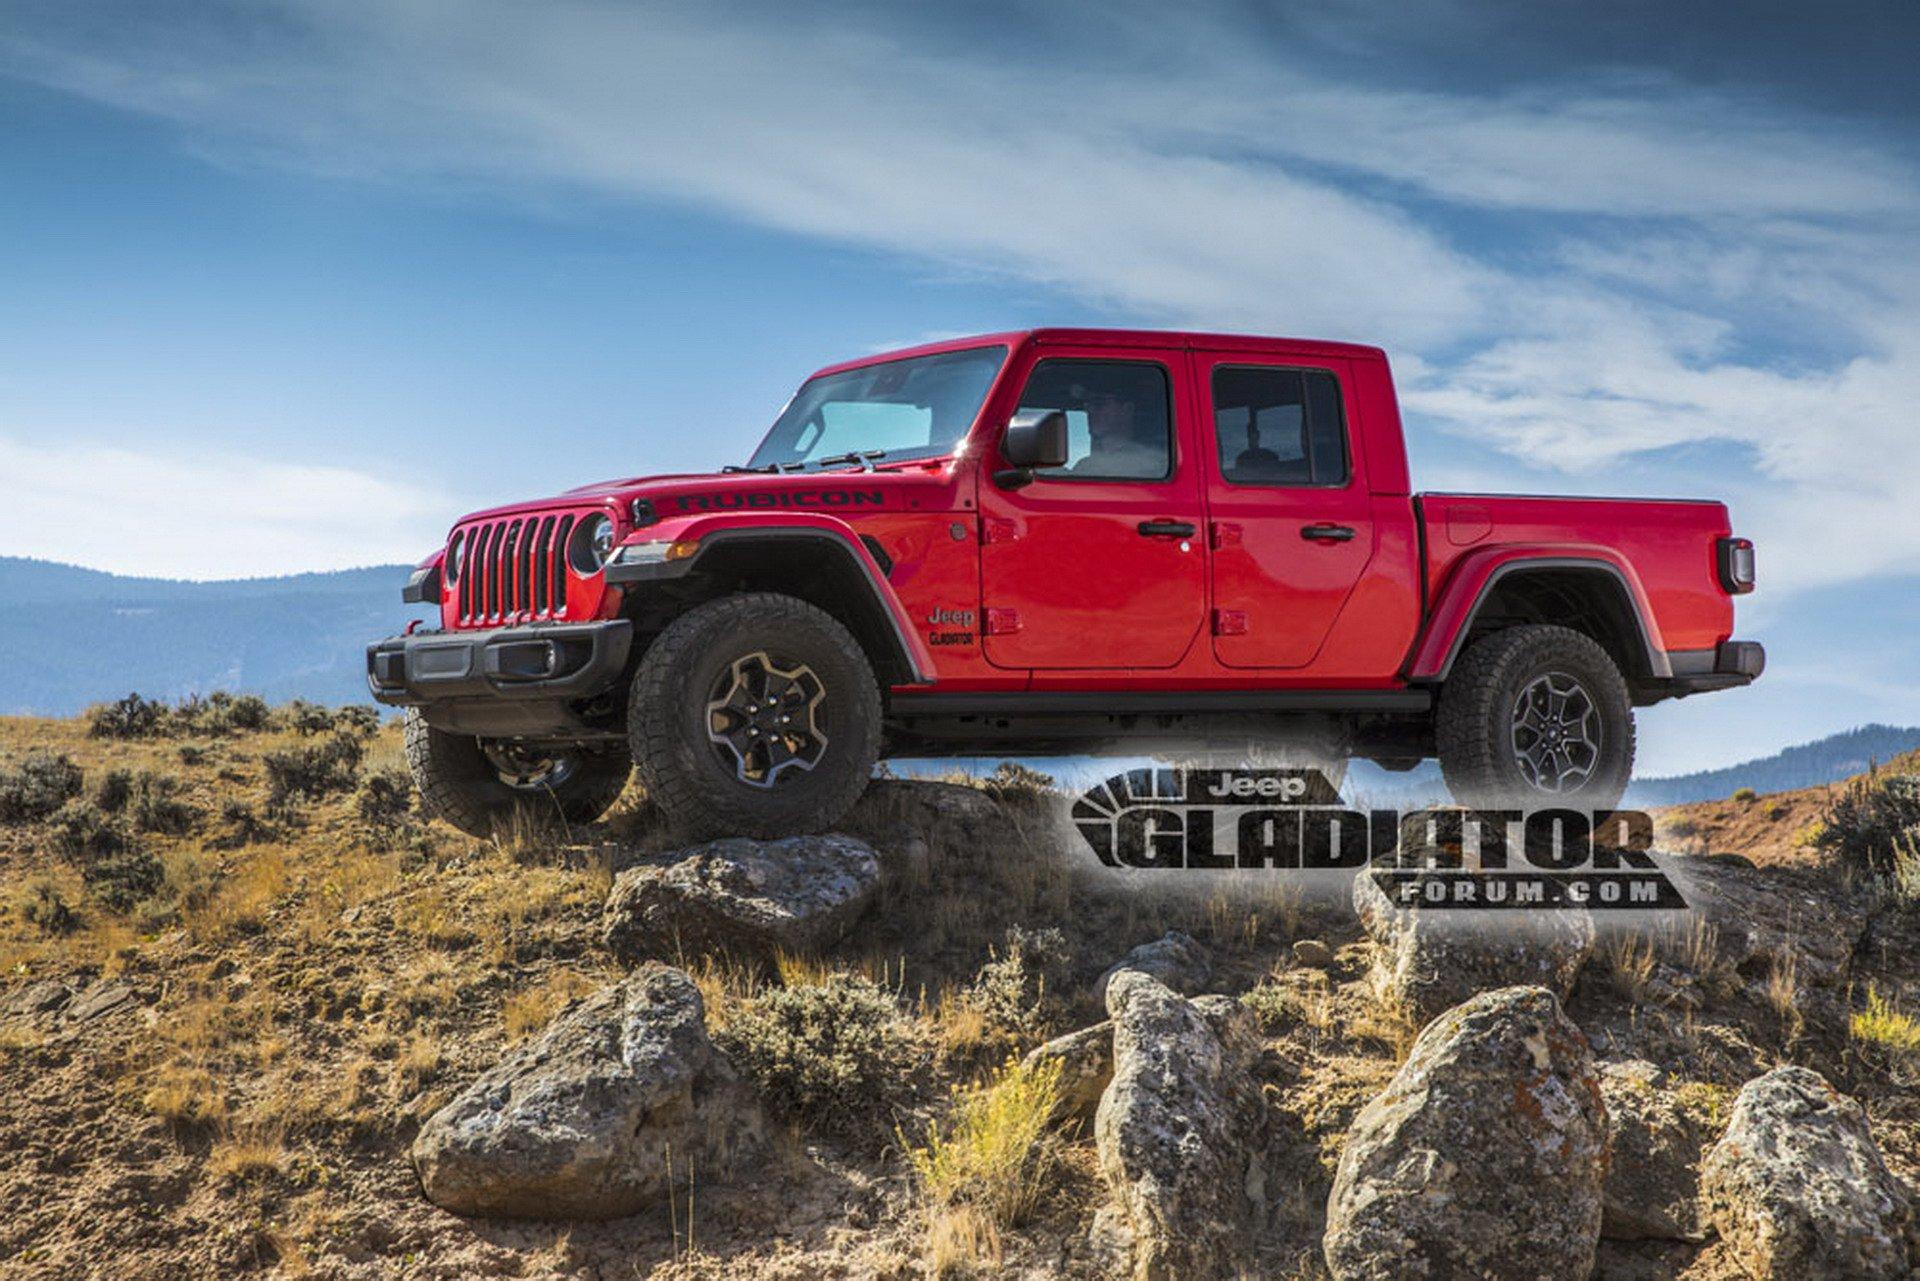 As primeiras imagens oficiais da configuração picape do Jeep Wrangler, a Gladiator, vazaram na internet junto com especificações técnicas do modelo.